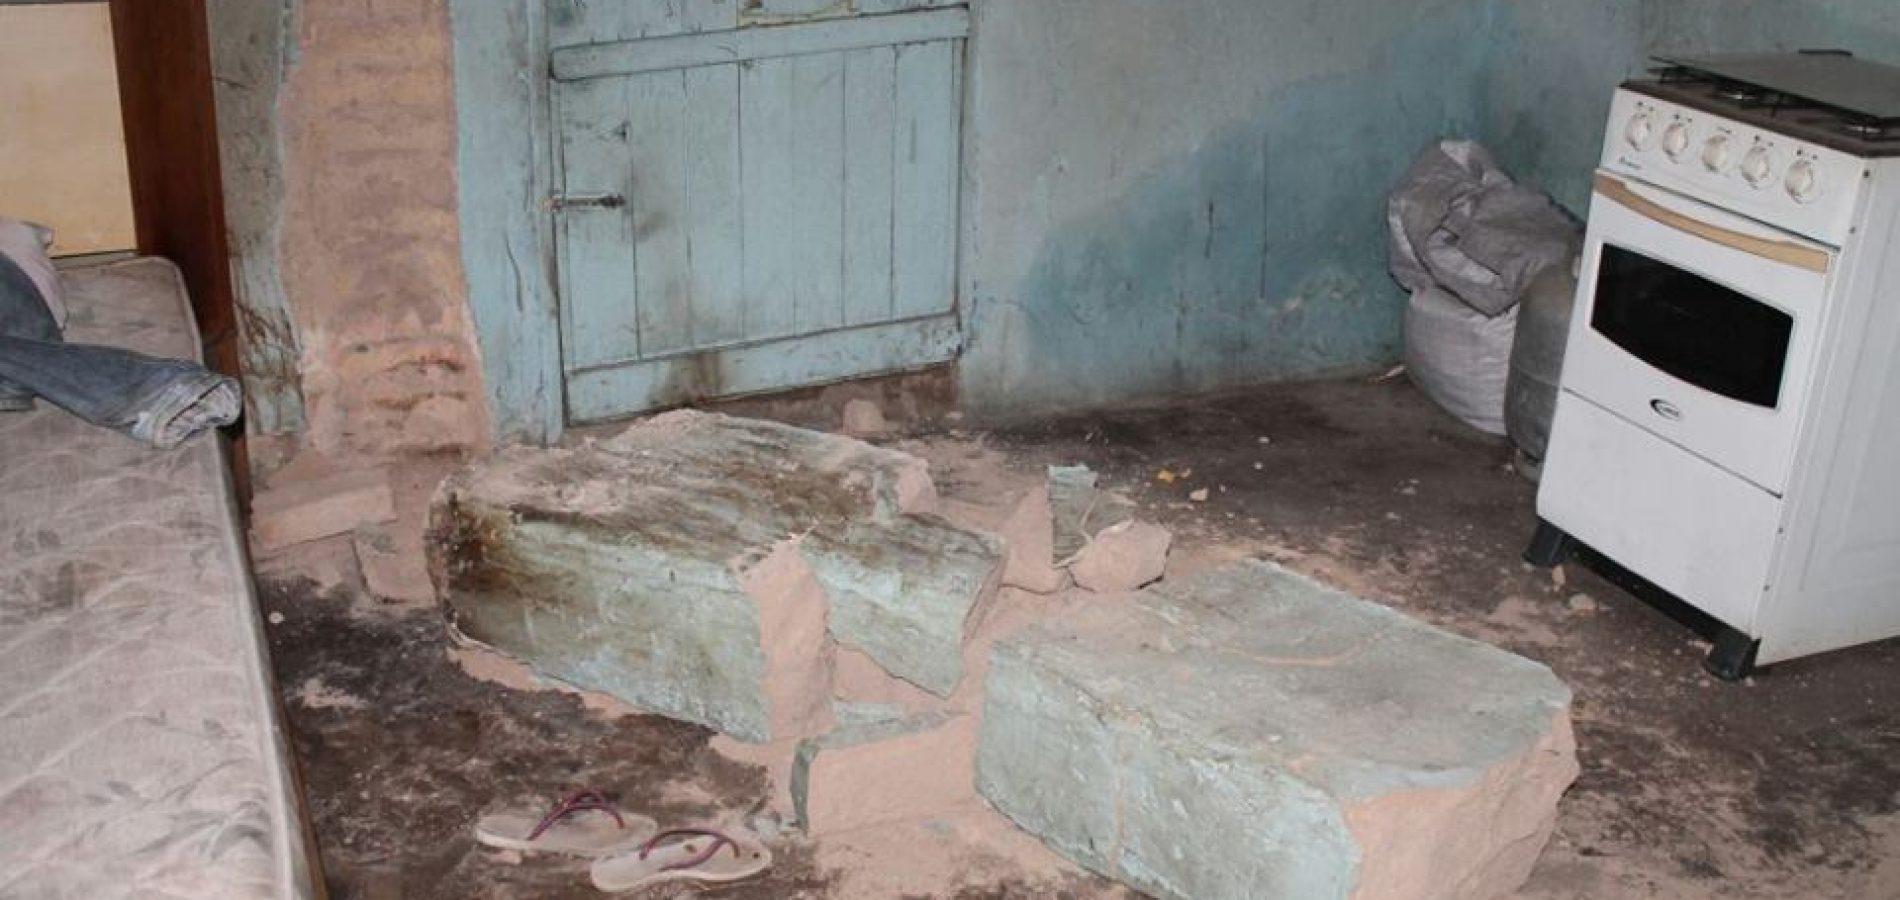 Parede de casa desaba, mata mulher e deixa homem gravemente ferido em Alegrete